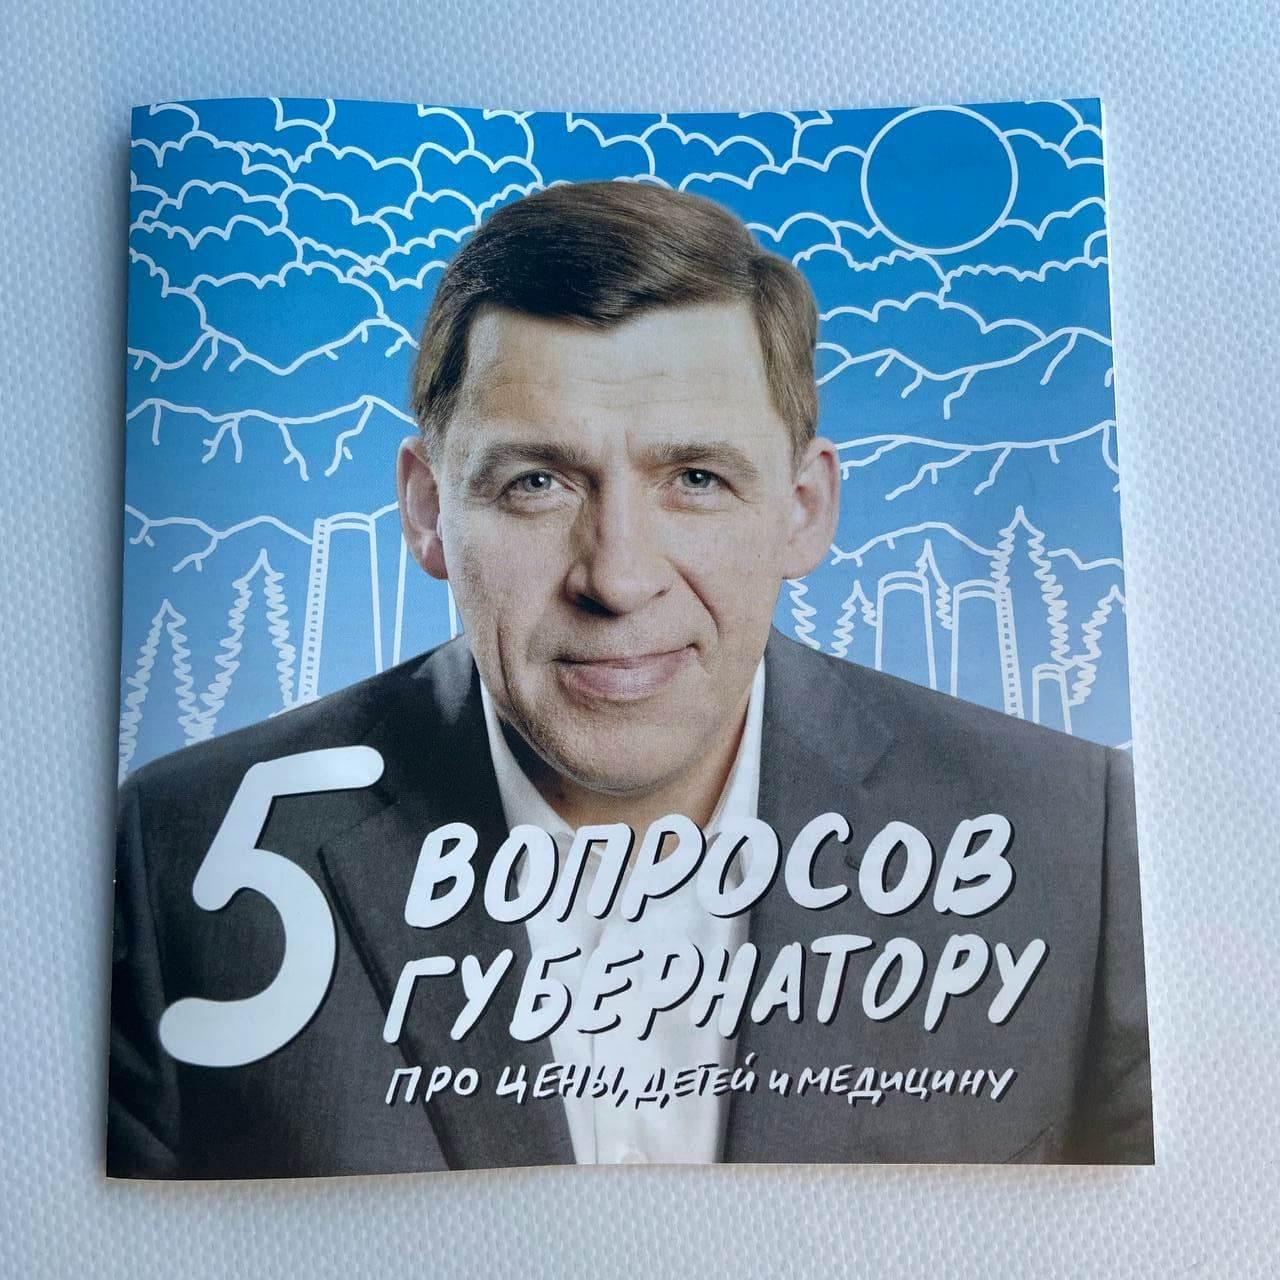 Куйвашев предложил повысить тарифы на коммунальные услуги на 5,34%